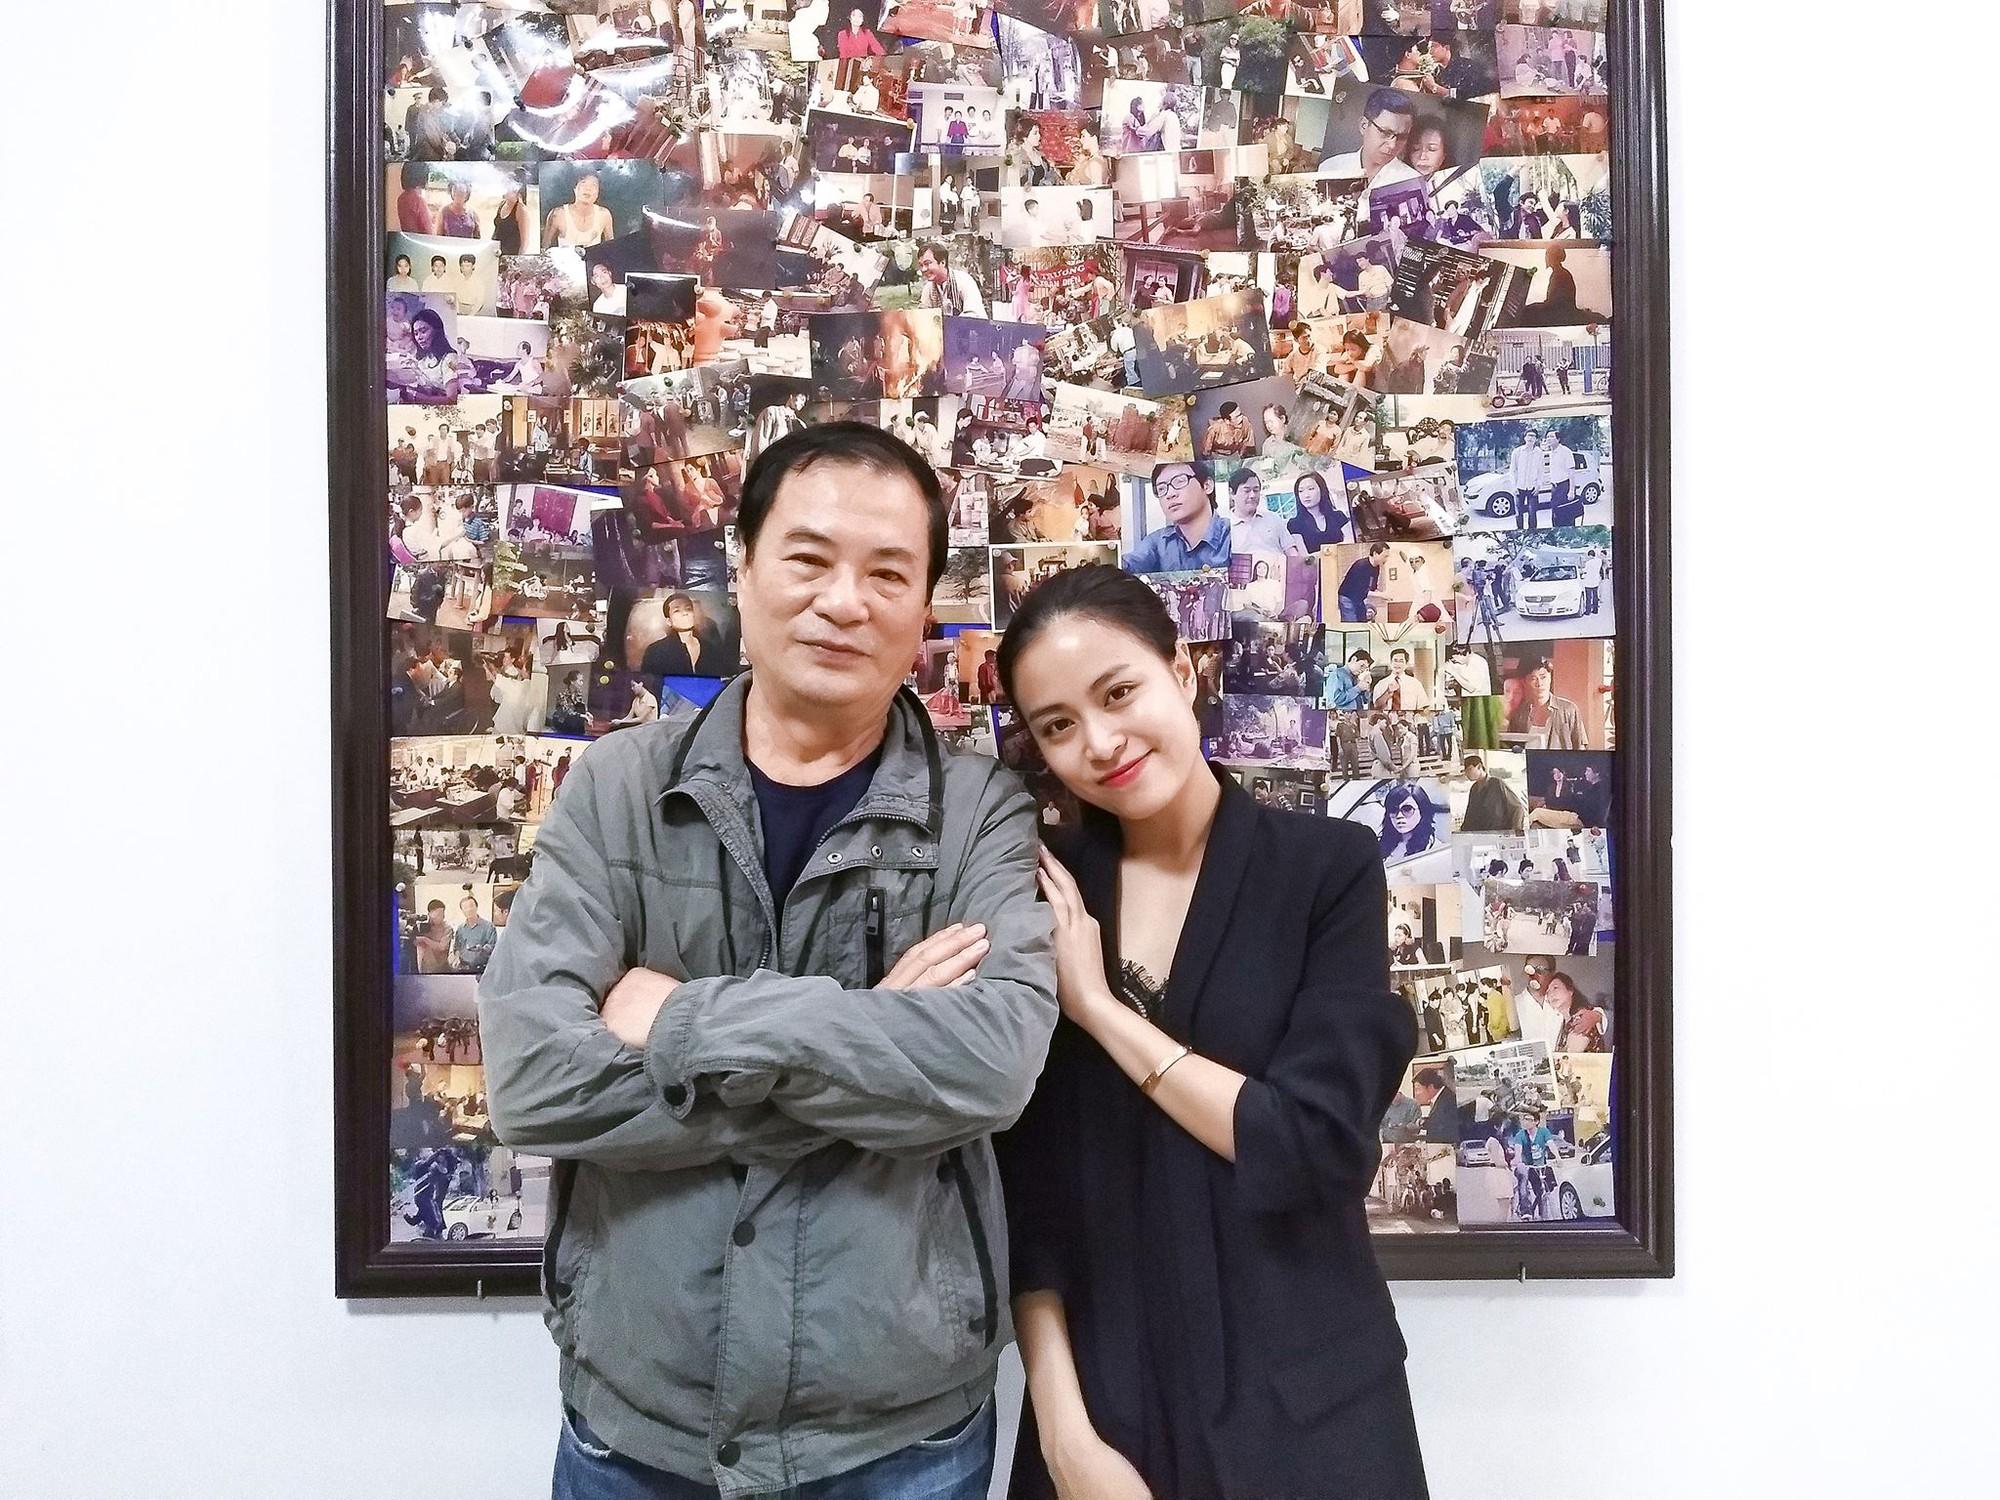 Sau scandal 10 năm của học trò, đạo diễn Nhật ký Vàng Anh lần đầu trải lòng về Hoàng Thùy Linh - Ảnh 3.